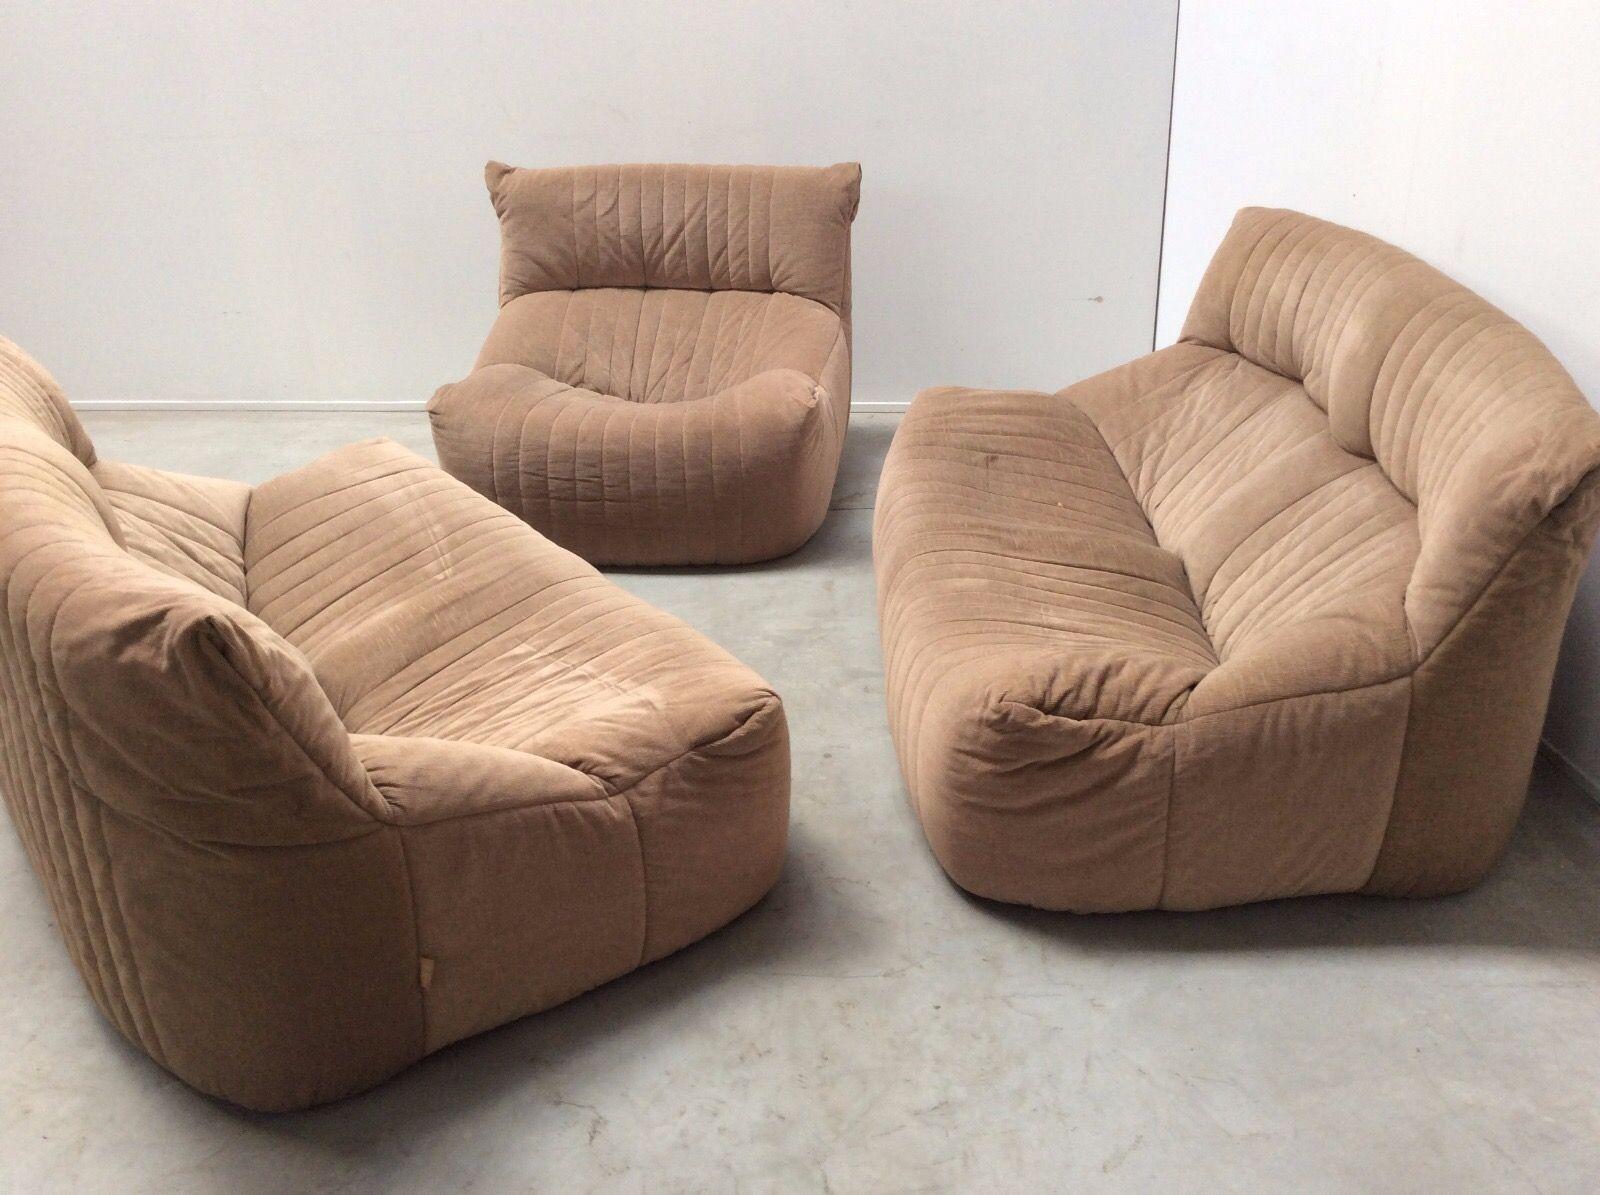 vintage aralia wohnzimmer set mit 2 sofas 1 sessel von michel ducaroy f r ligne roset bei. Black Bedroom Furniture Sets. Home Design Ideas